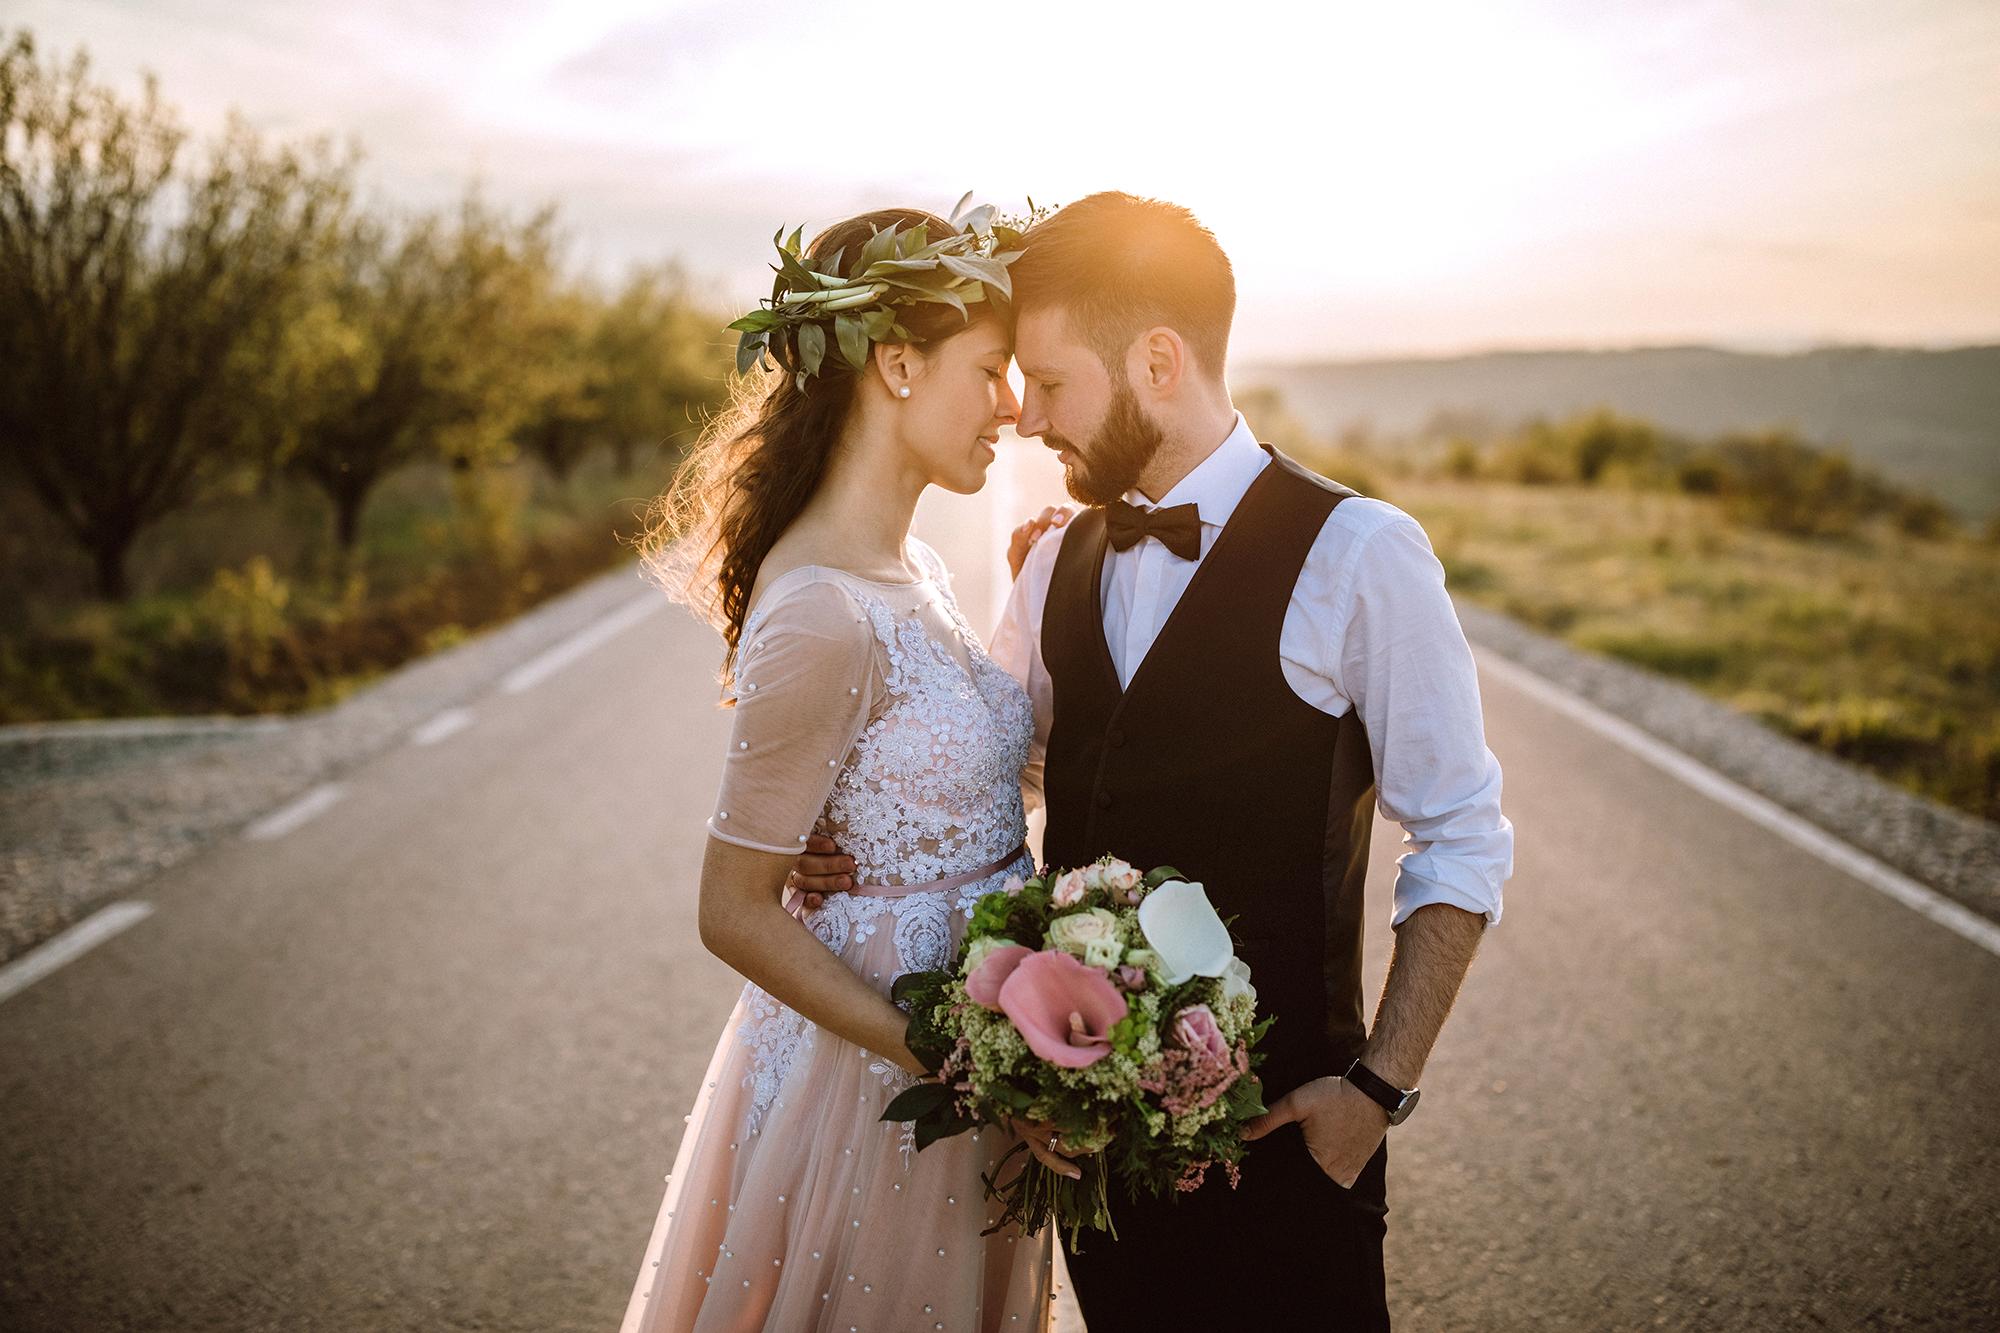 Breuninger Hochzeitsservice E Breuninger Gmbh Co